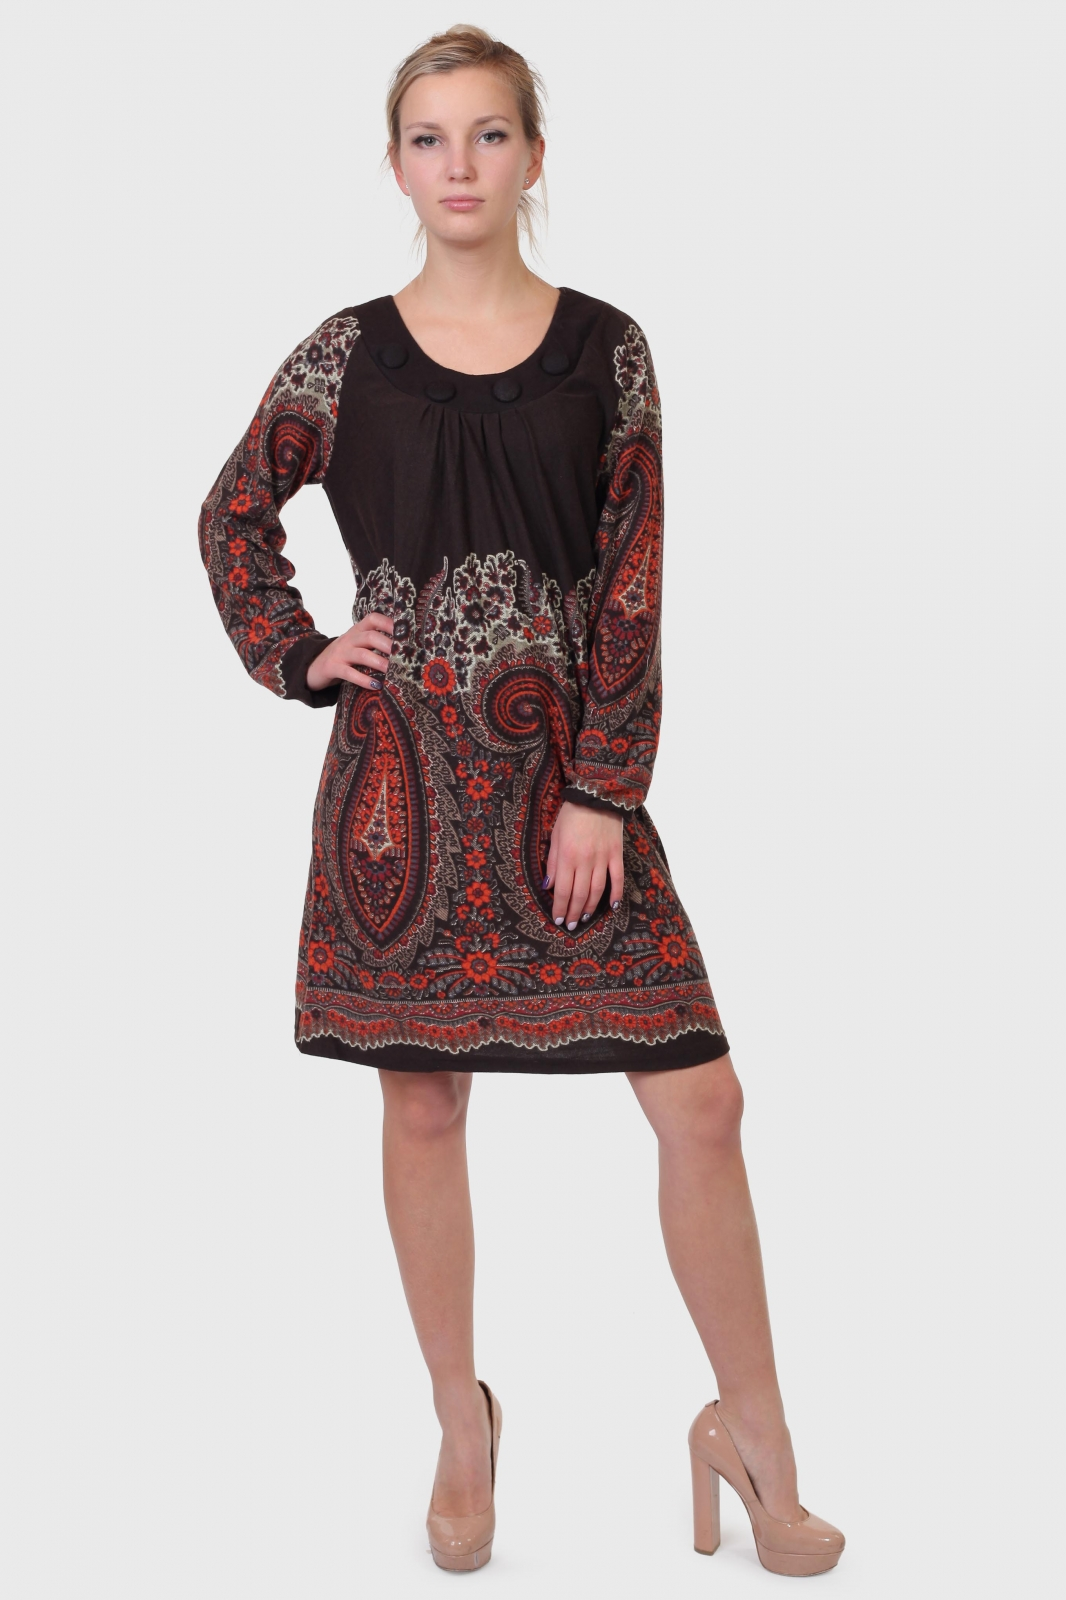 Красивые и недорогие платья для девушек от бренда Rana